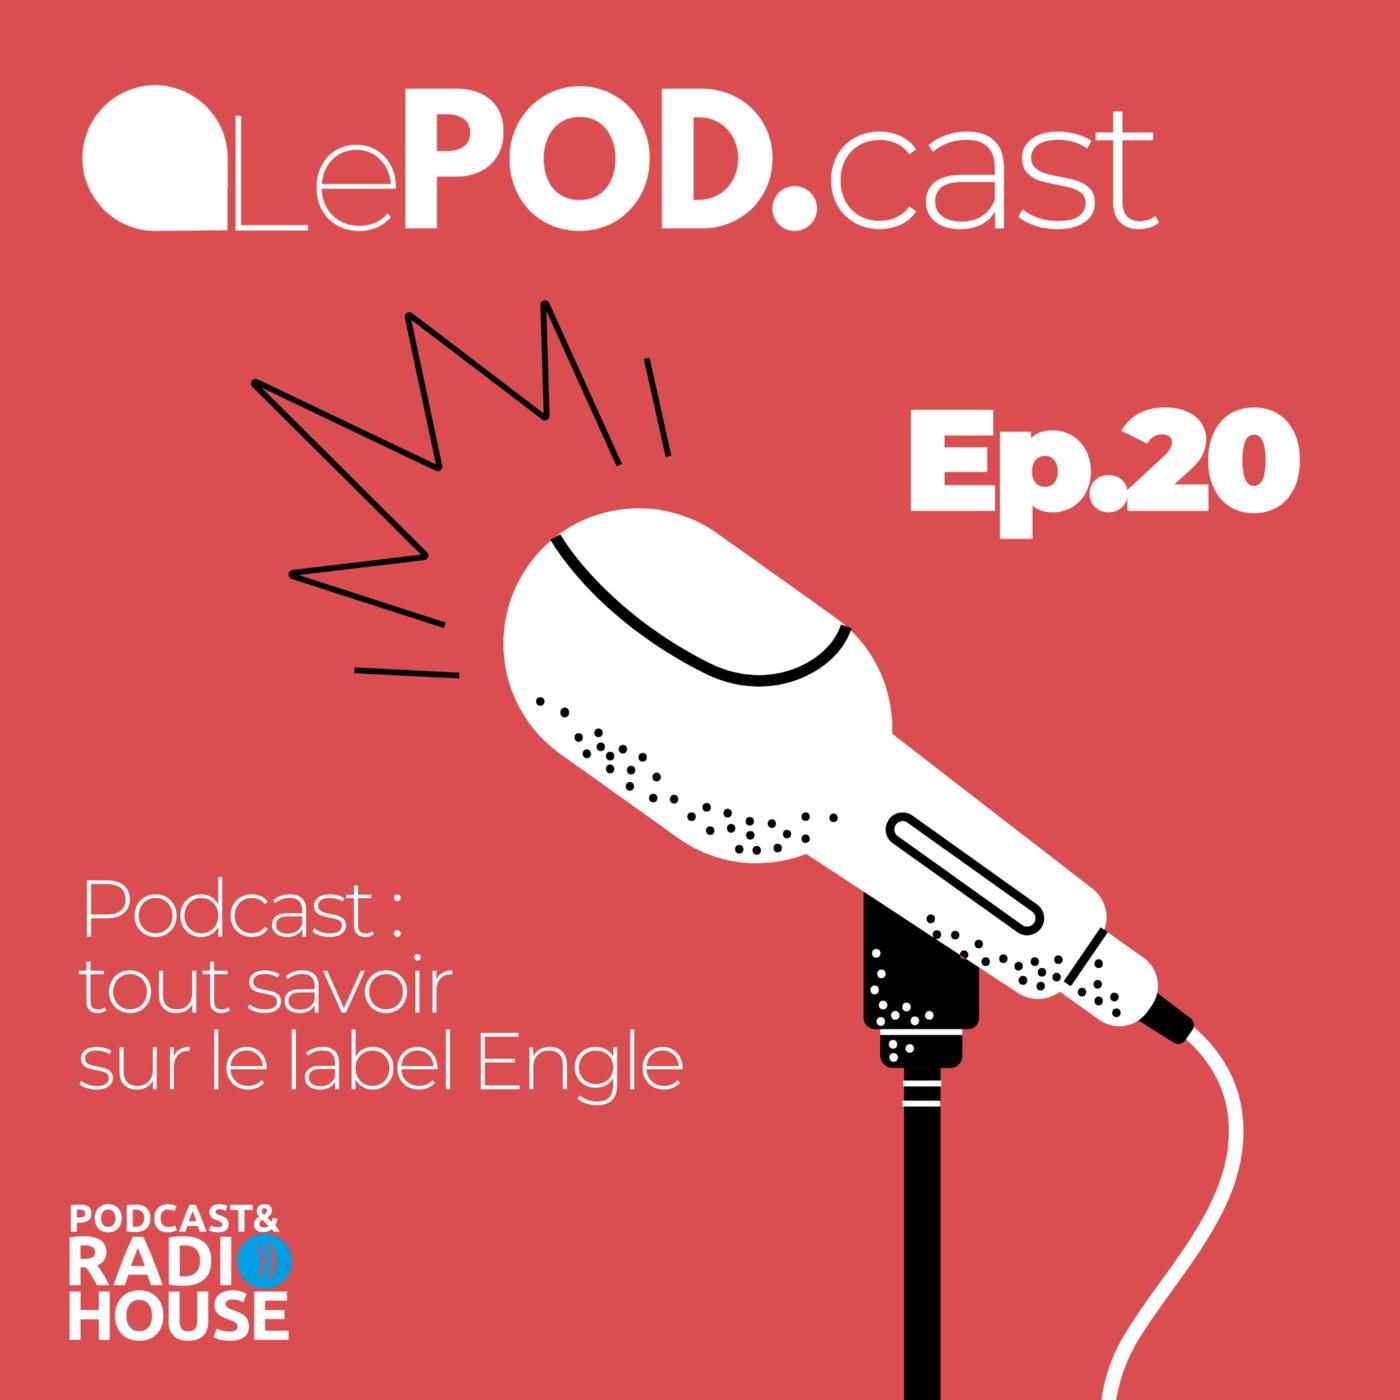 EP.20 - Podcast :  tout savoir  sur le label Engle - Le POD.